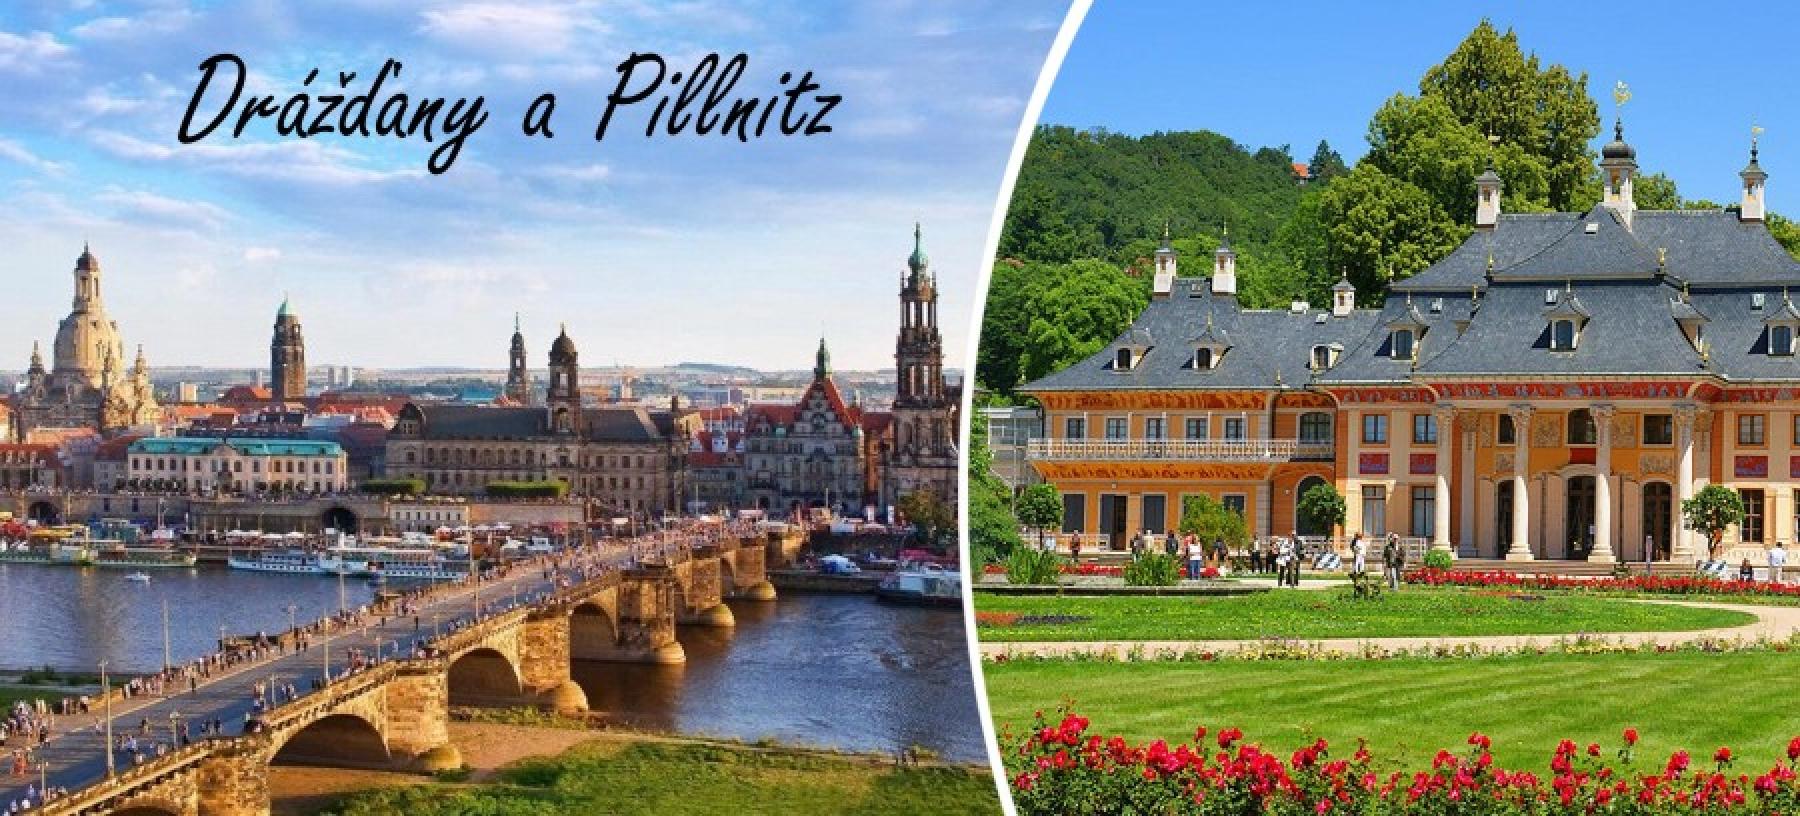 Drážďany s plavbou lodí do Pillnitz pro 1 osobu